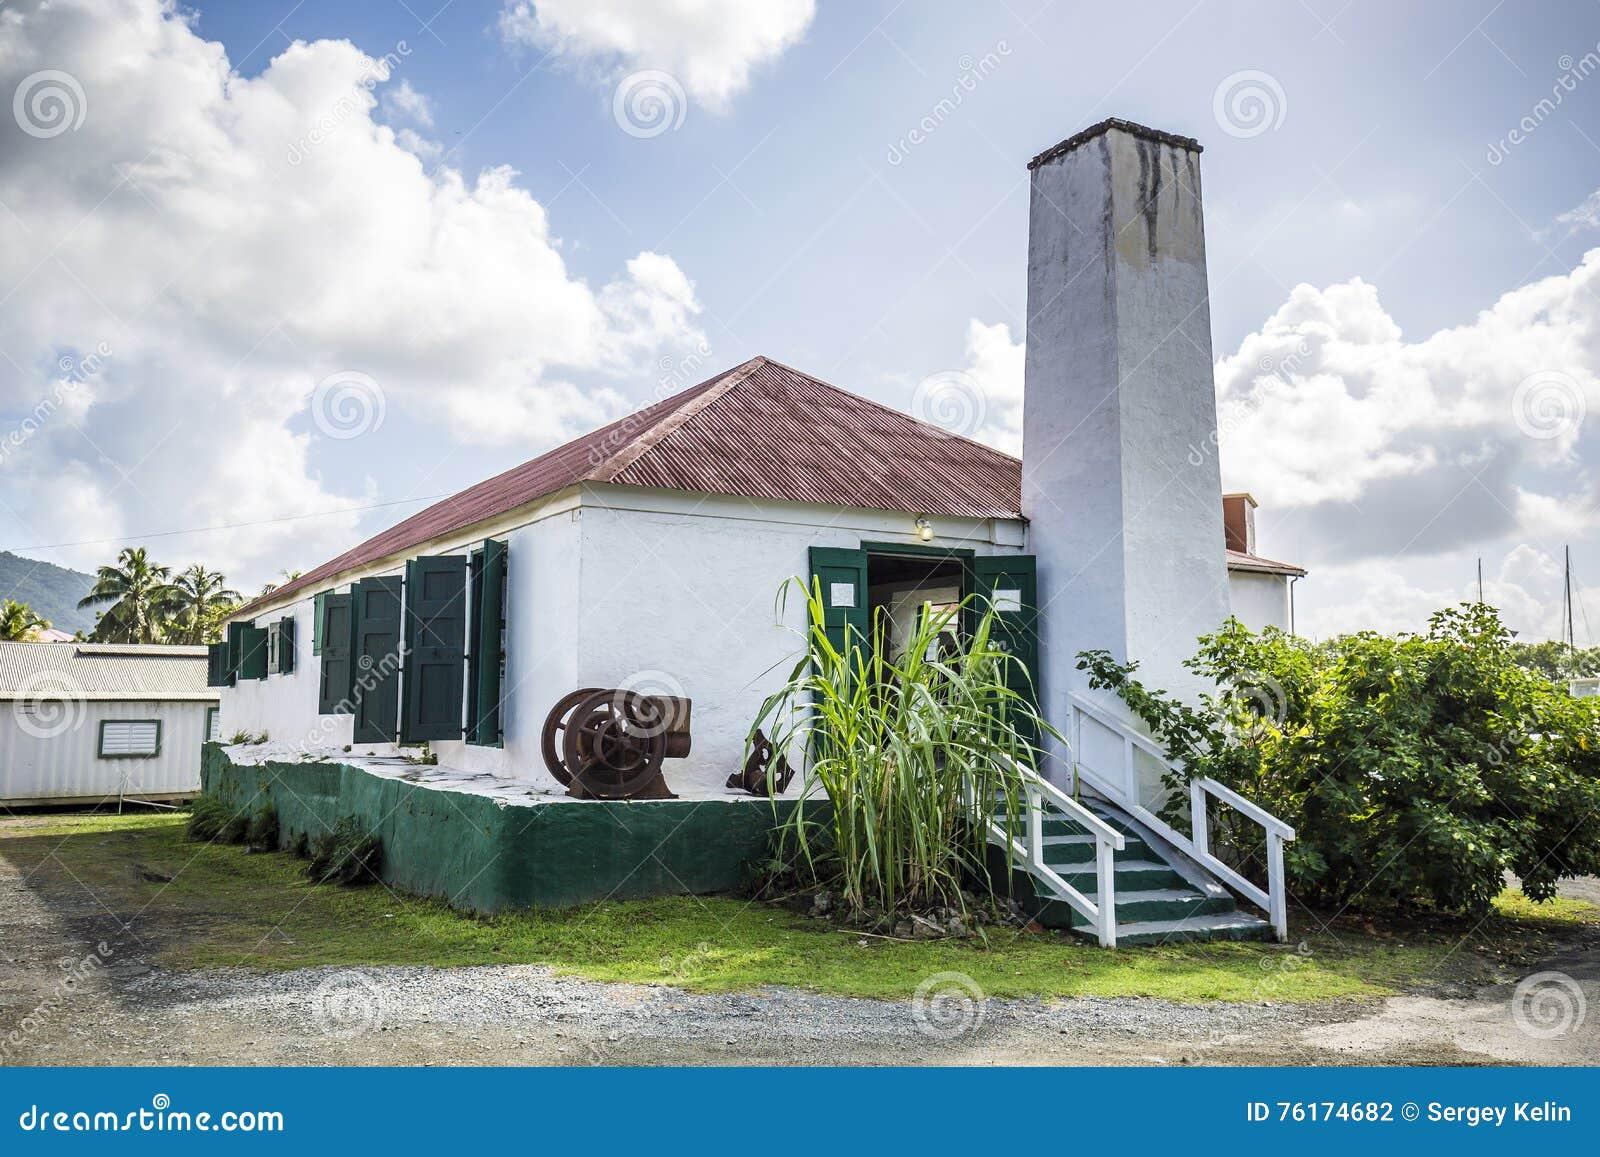 Granja vieja del azúcar en la ciudad del camino, British Virgin Islands